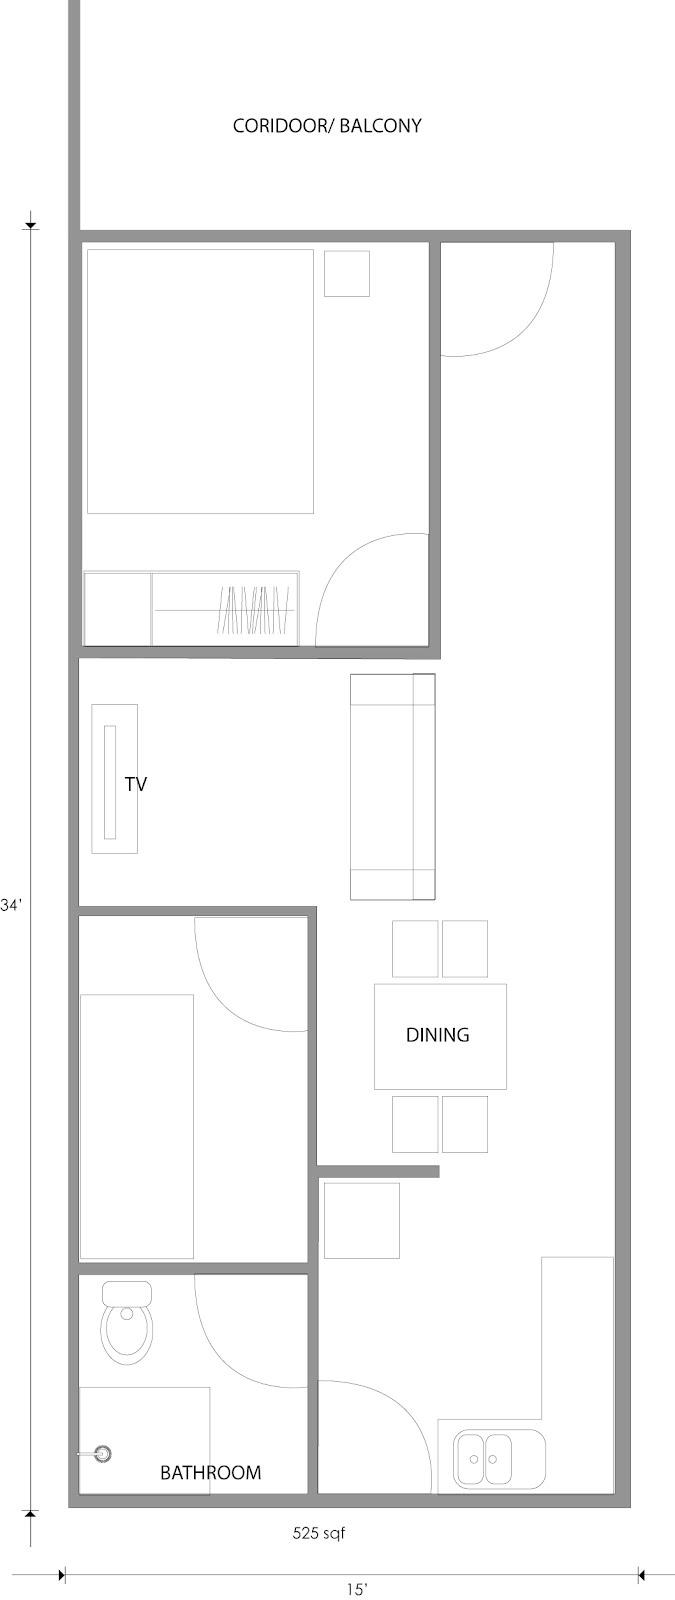 plan cadangan rekaan rumah teres kampung (click for enlarge)